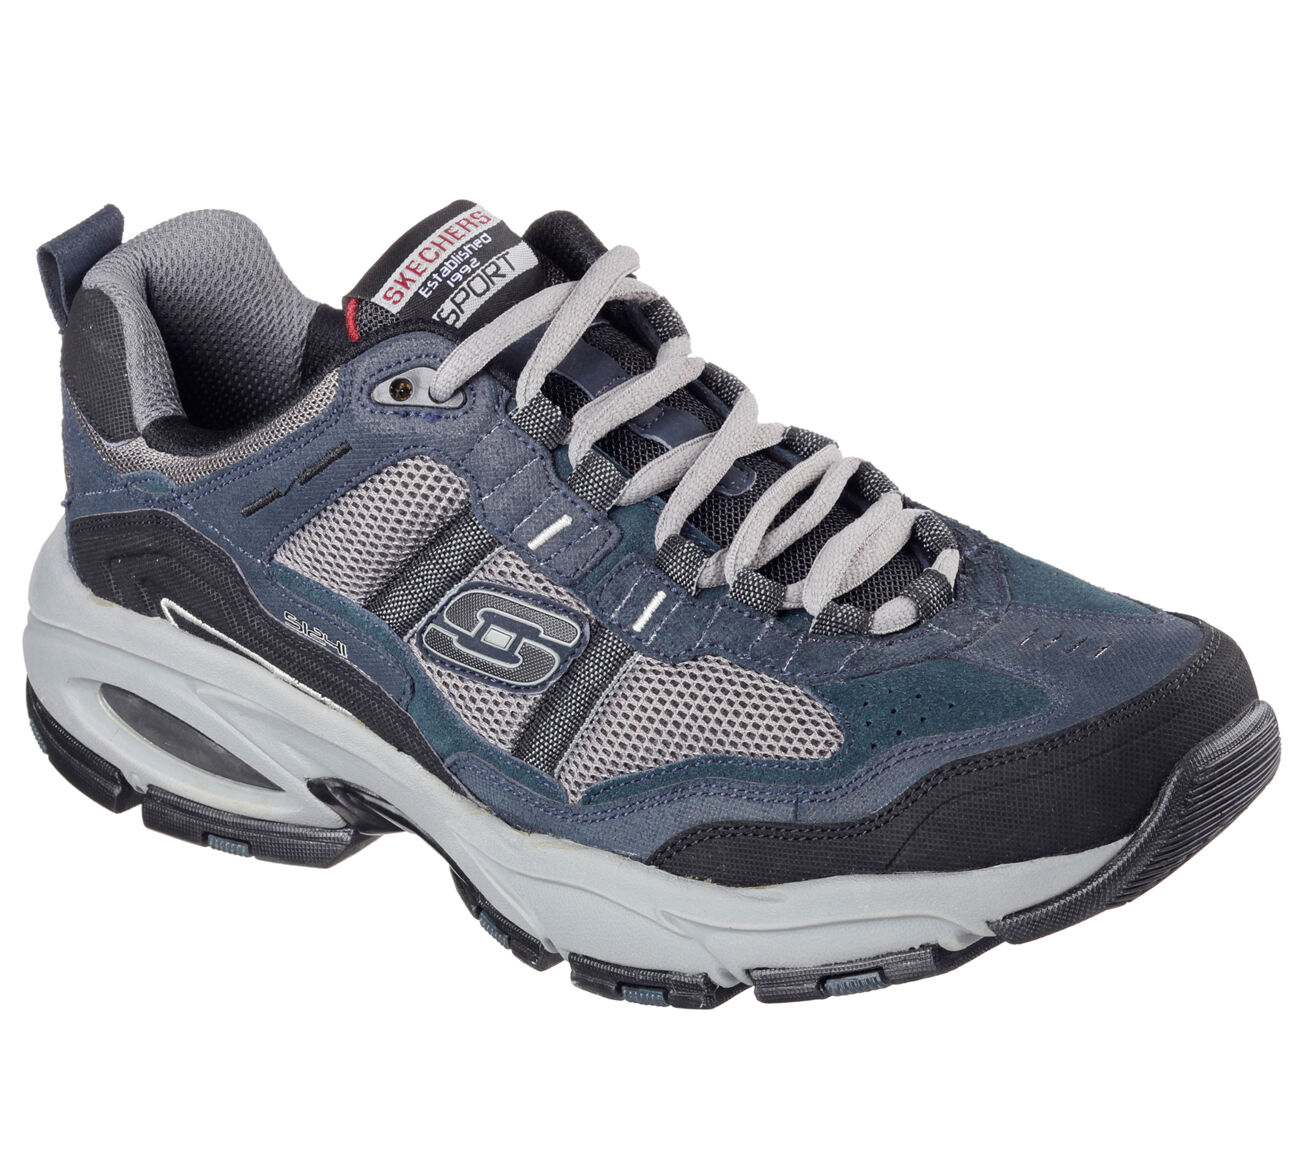 Skechers Shoes Men's Wide Width Navy